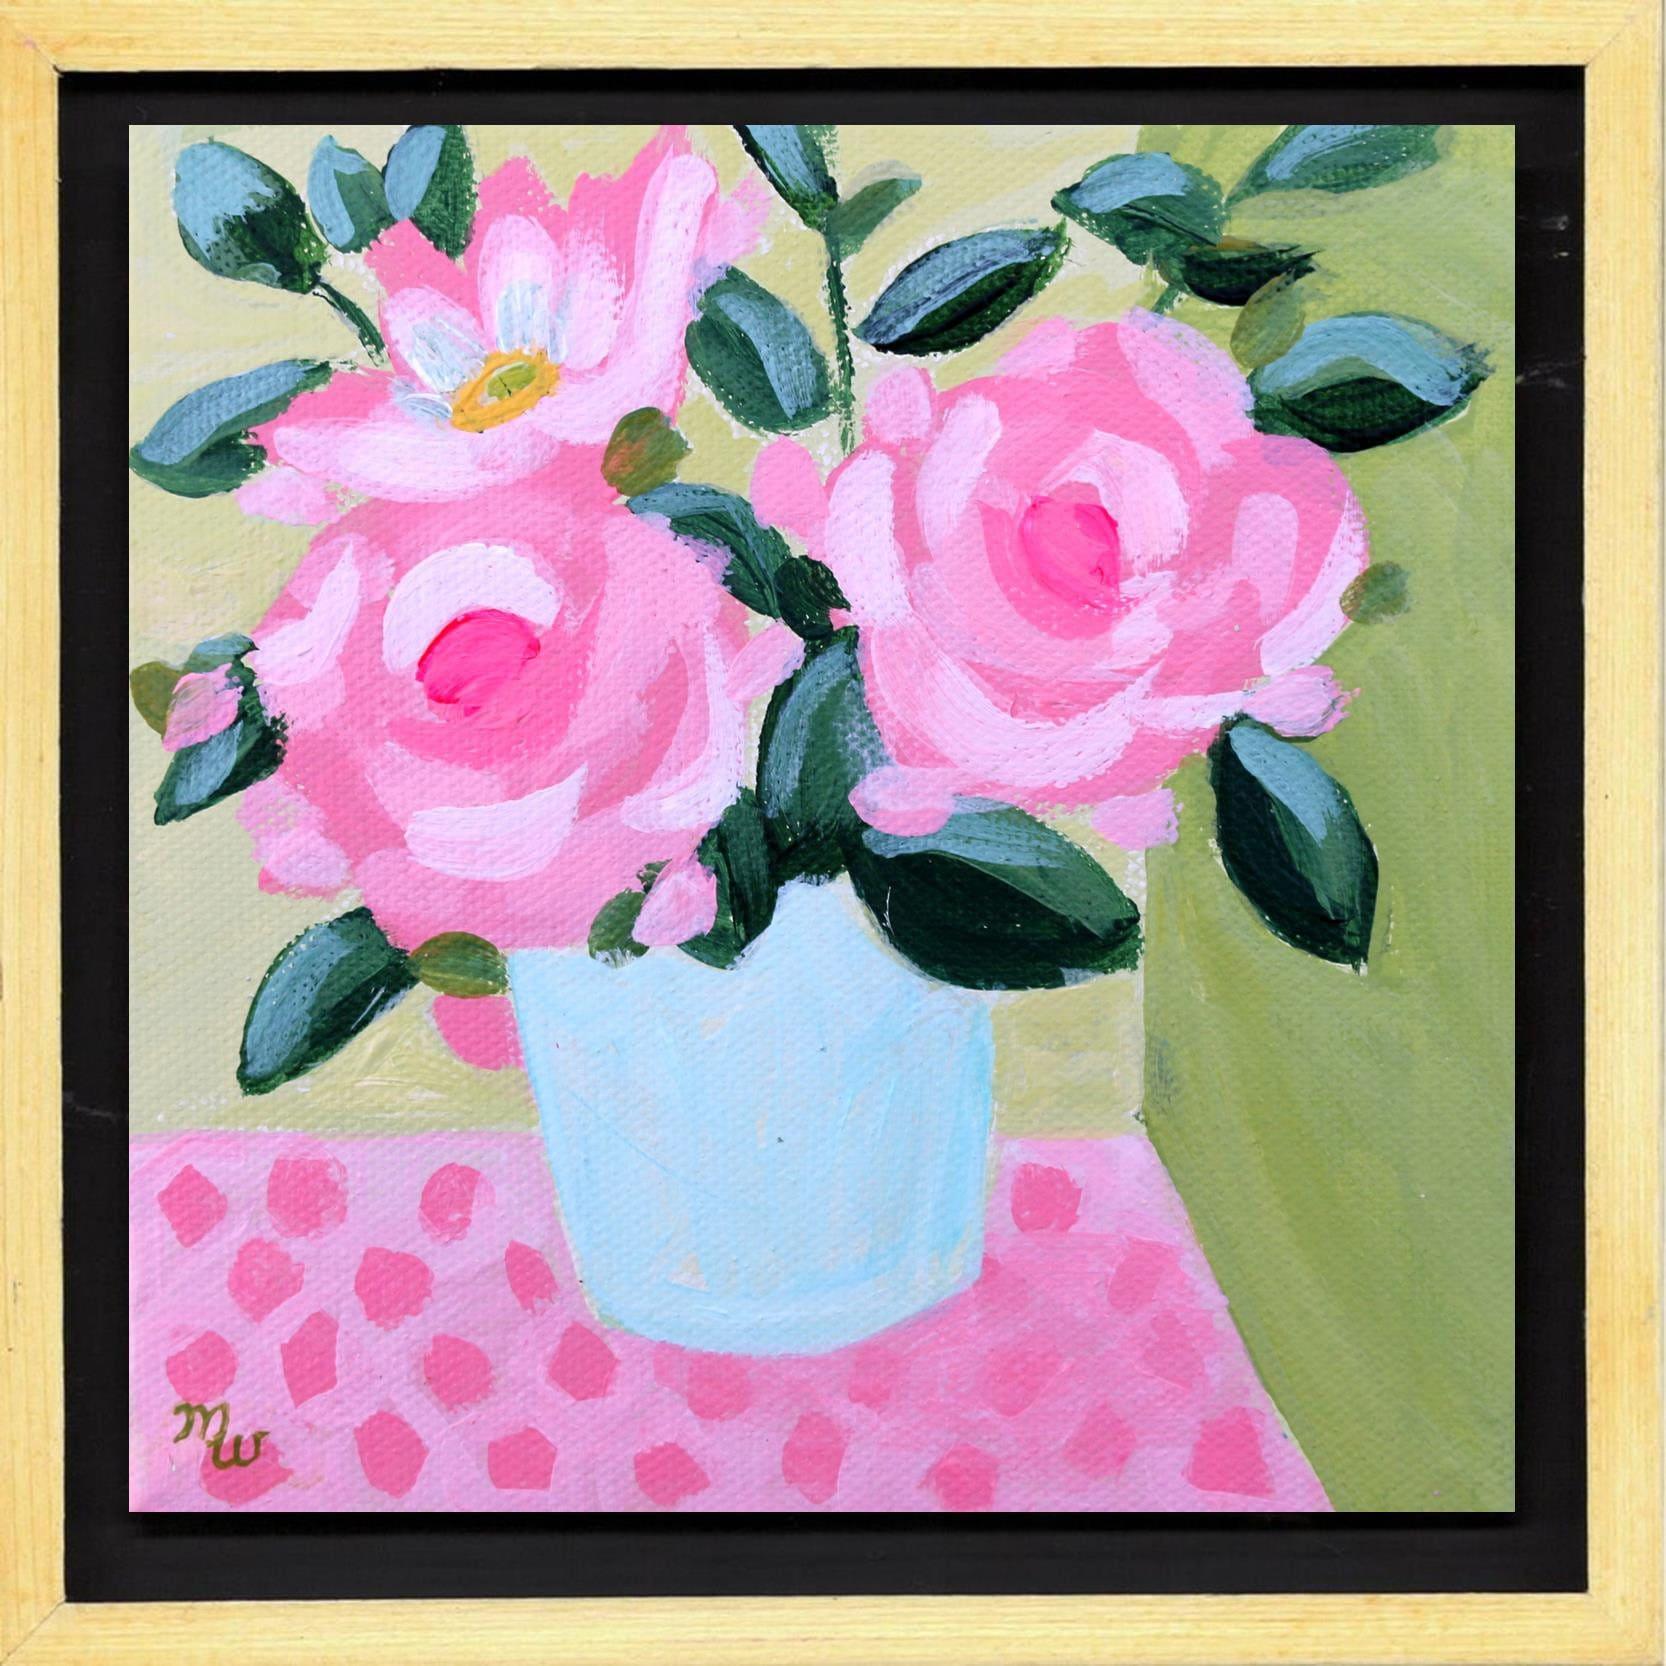 Pink Roses Flower Painting By Merrill Weber Framed Original Etsy